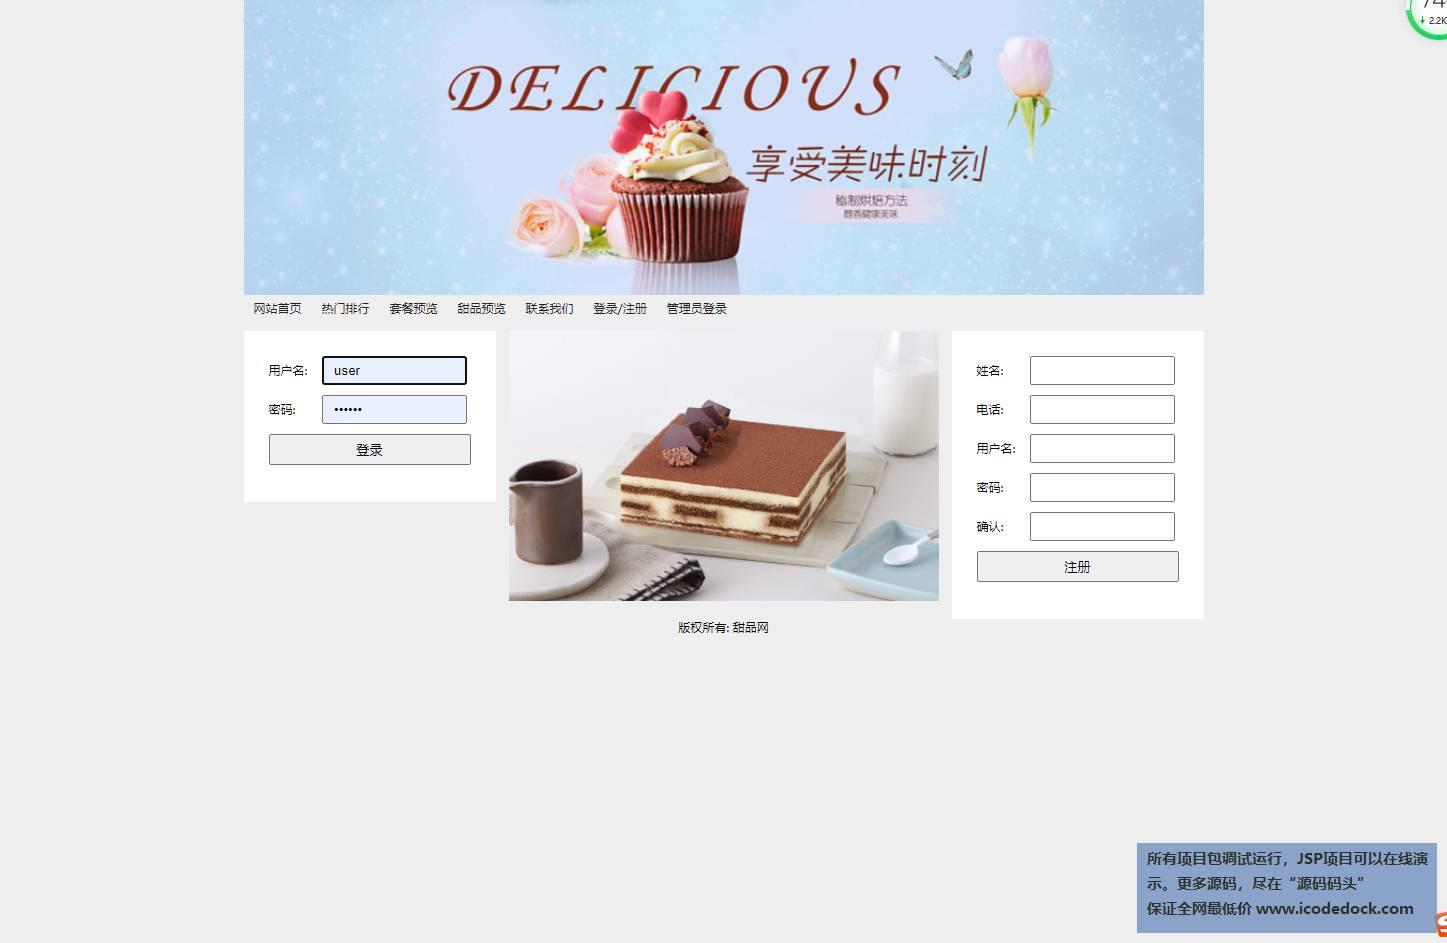 源码码头-SSM在线甜品商城平台-用户角色-用户登录与注册